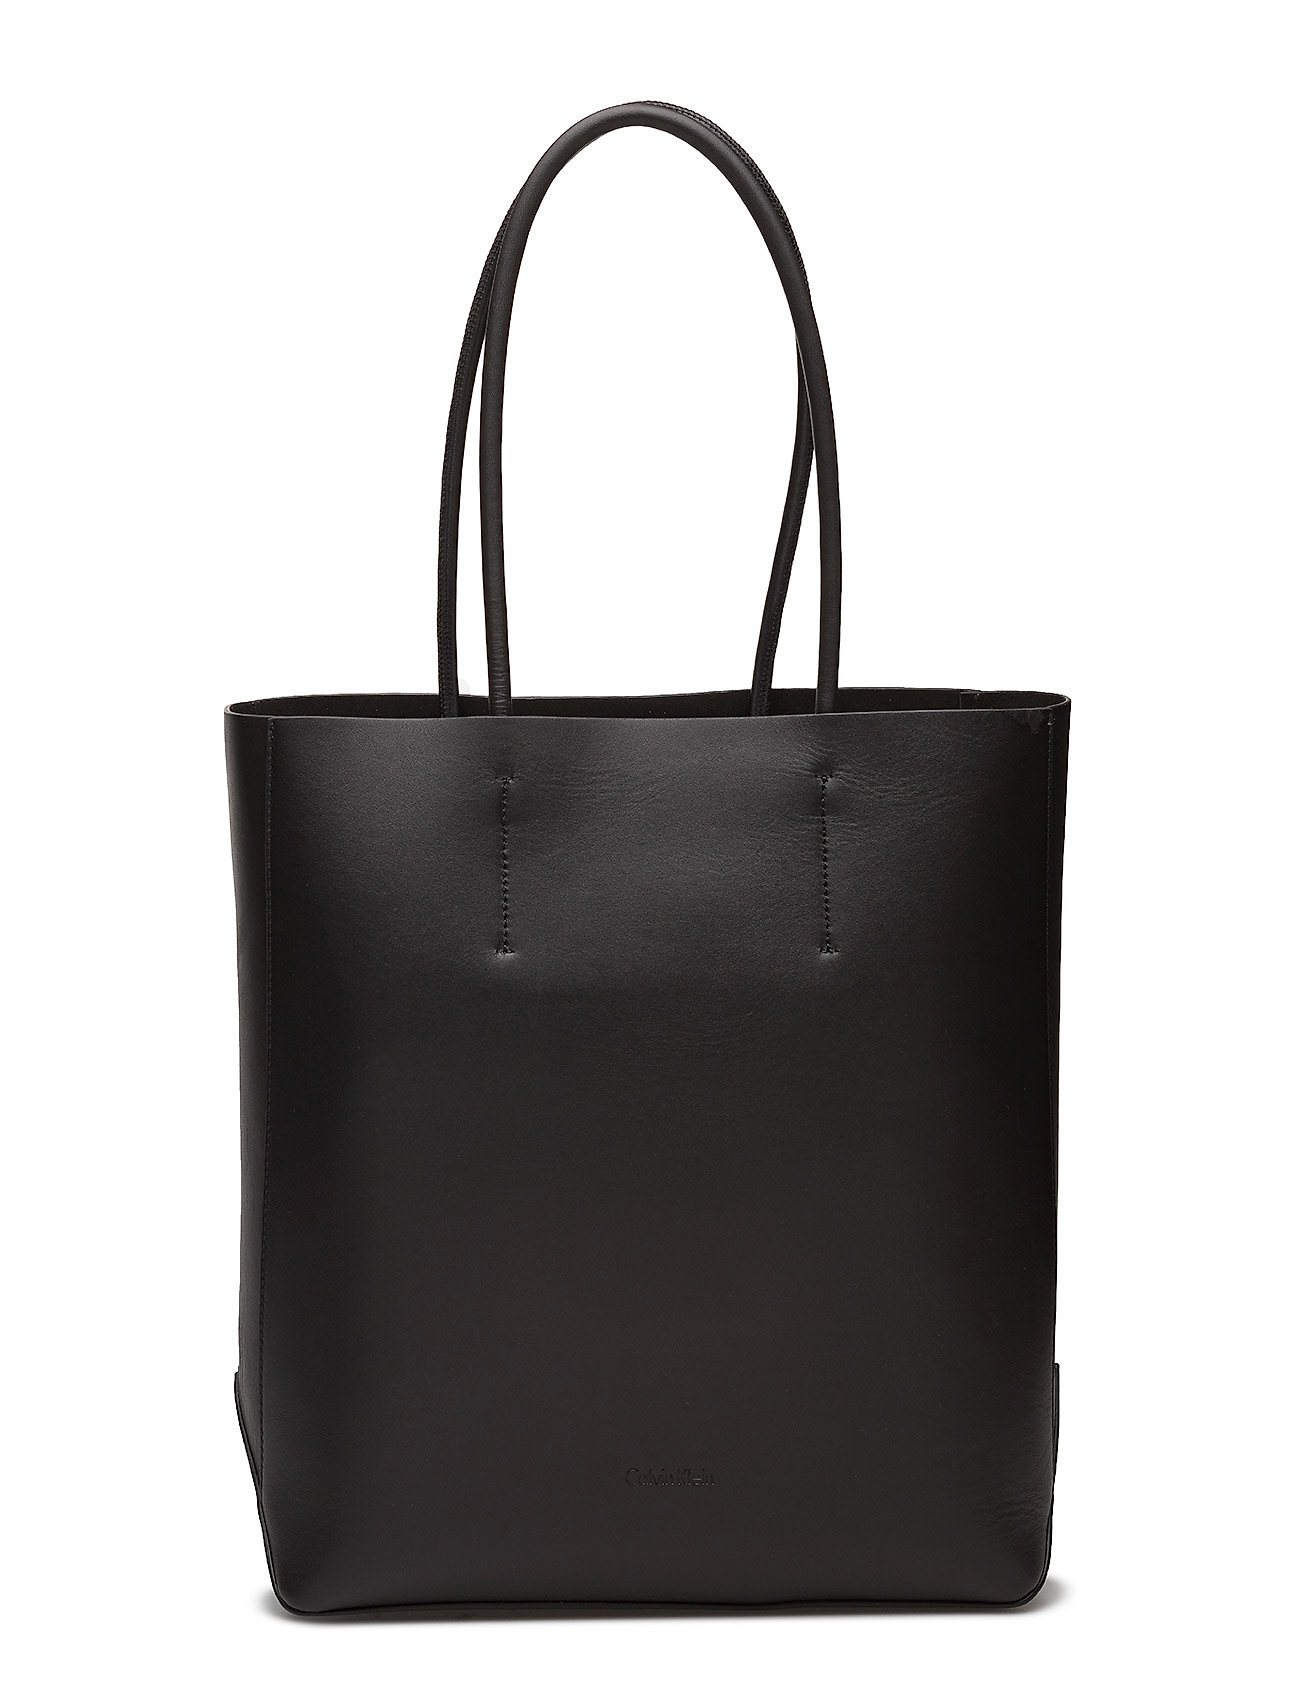 statement ns shopper black kr calvin klein. Black Bedroom Furniture Sets. Home Design Ideas